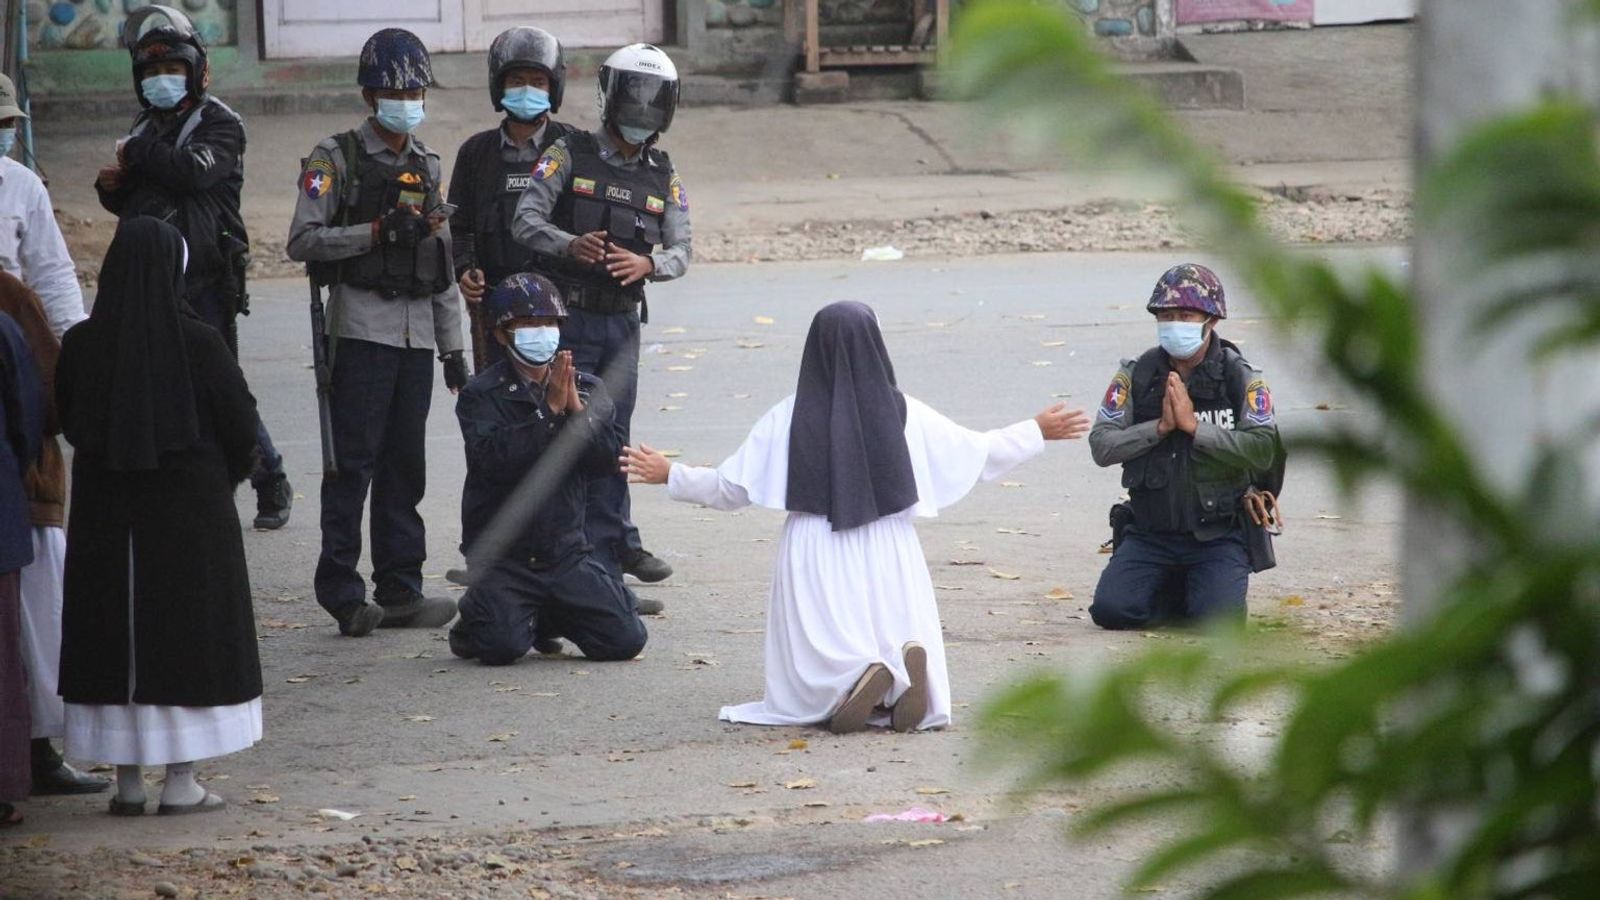 Bức ảnh bất ngờ trong biểu tình Myanmar: Cảnh sát quỳ gối - 1